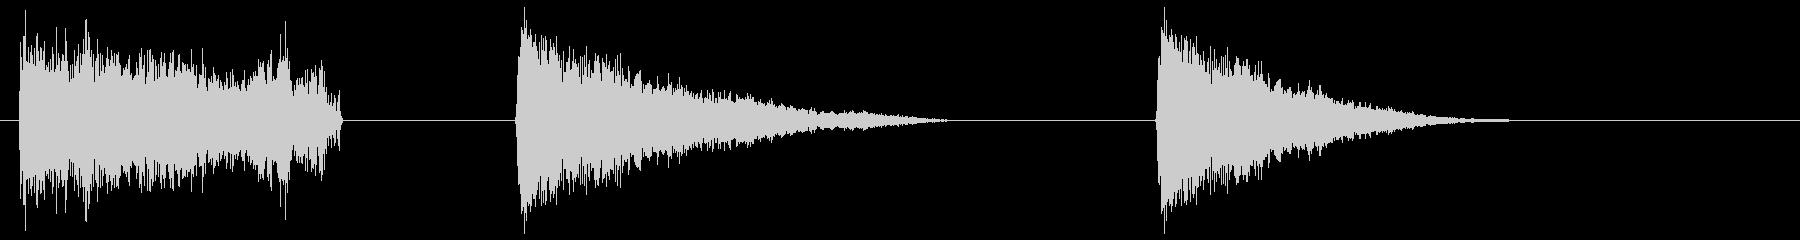 SF要素-3つの効果;降順のシュー...の未再生の波形